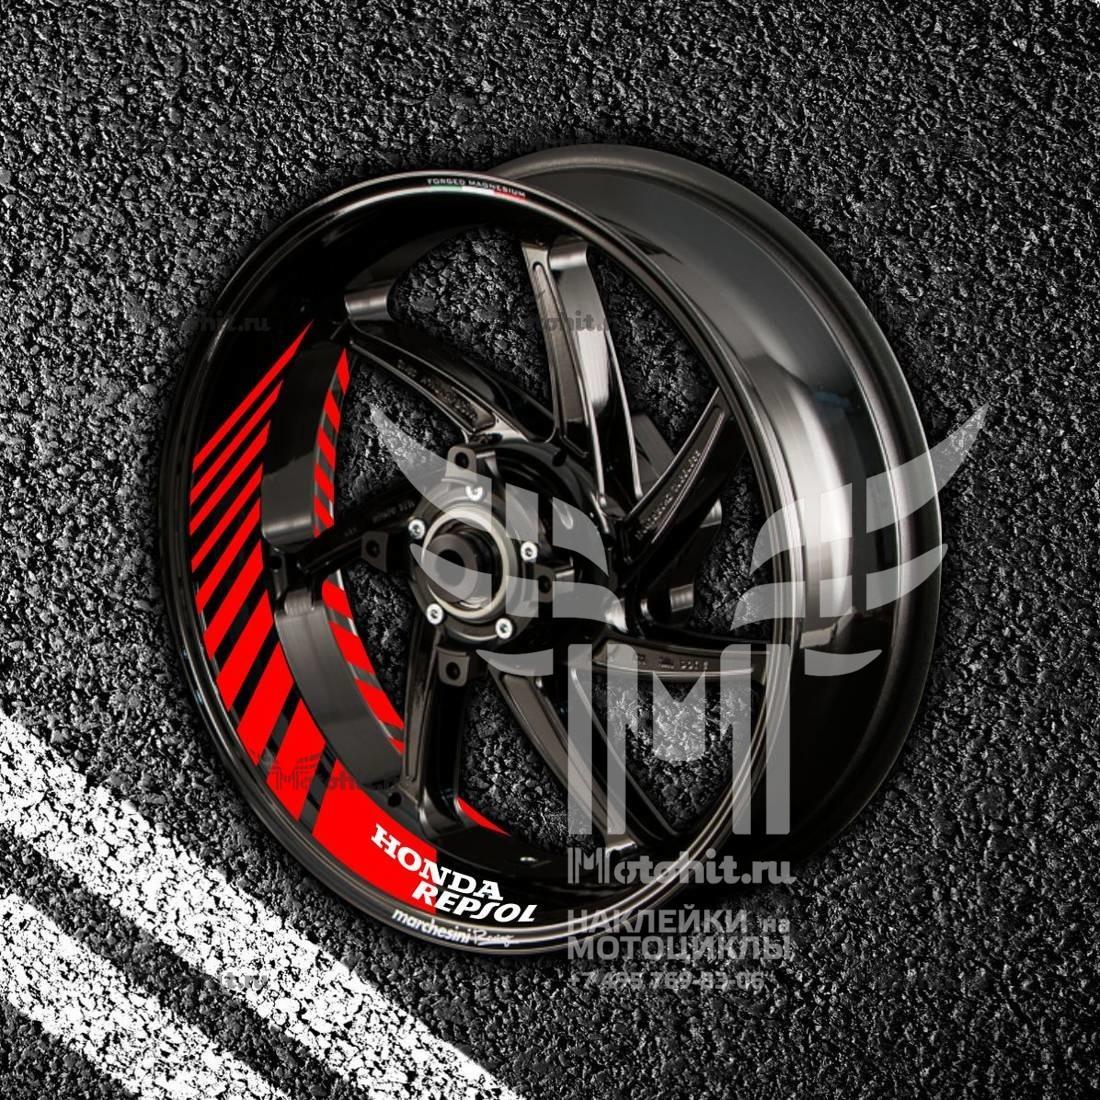 Комплект наклеек с полосами на колеса мотоцикла HONDA REPSOL